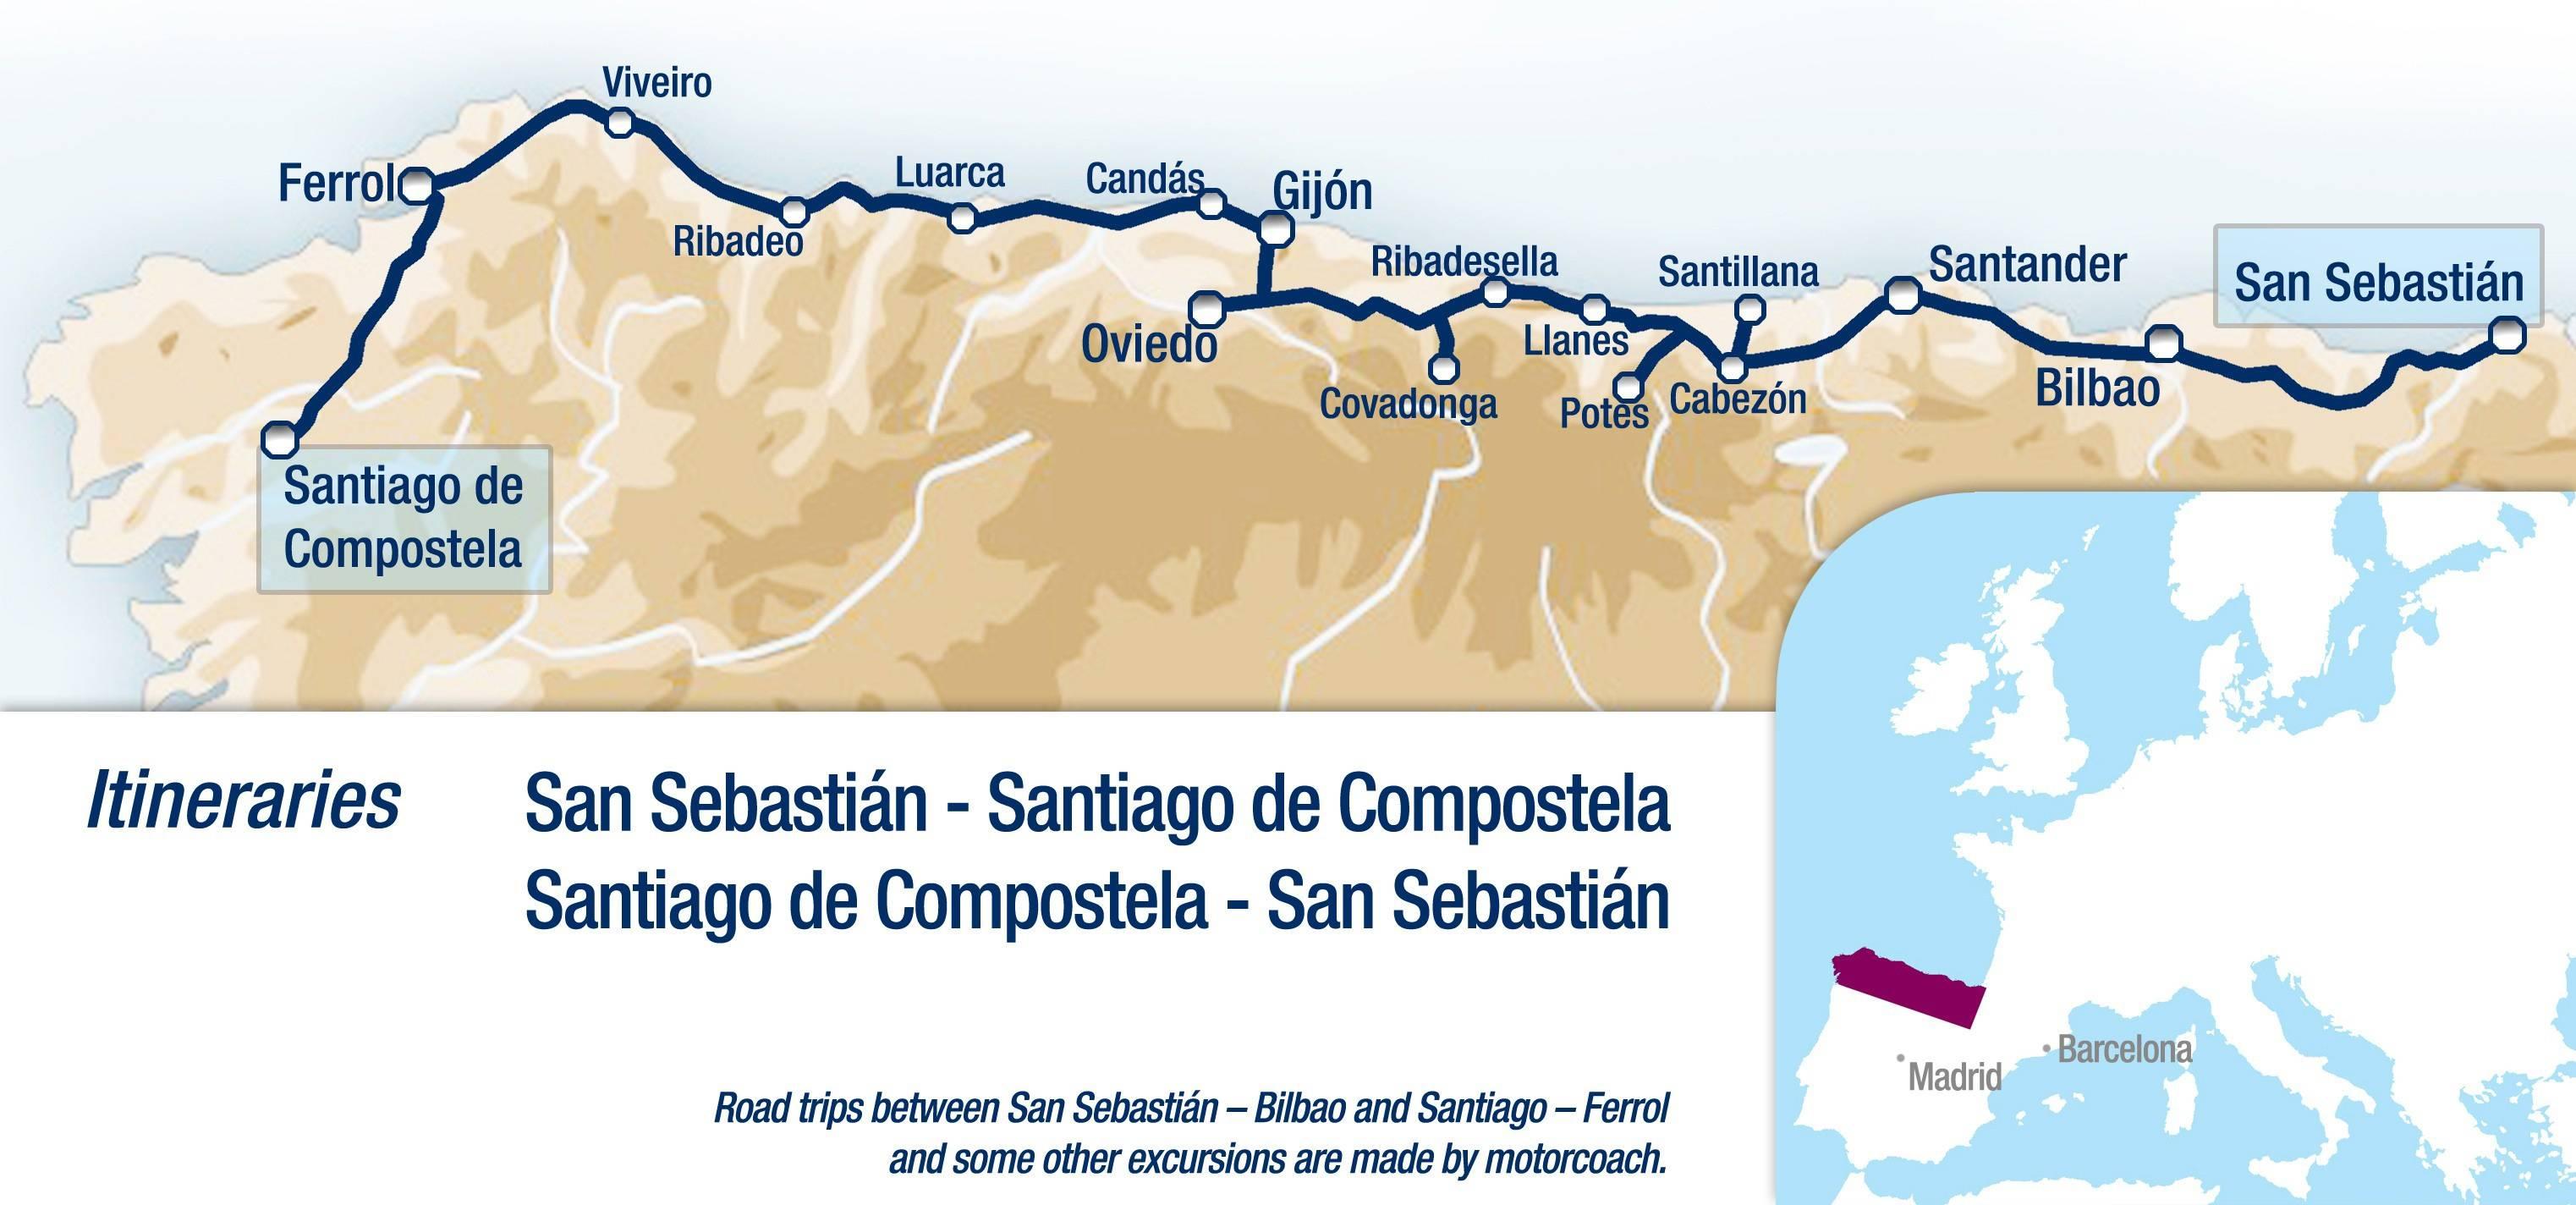 Маршрут  из барселоны в бильбао  (март 2021)  расстояние 611 км как сократить машрут, быстрые маршрут на машине, отзывы о качестве дороги